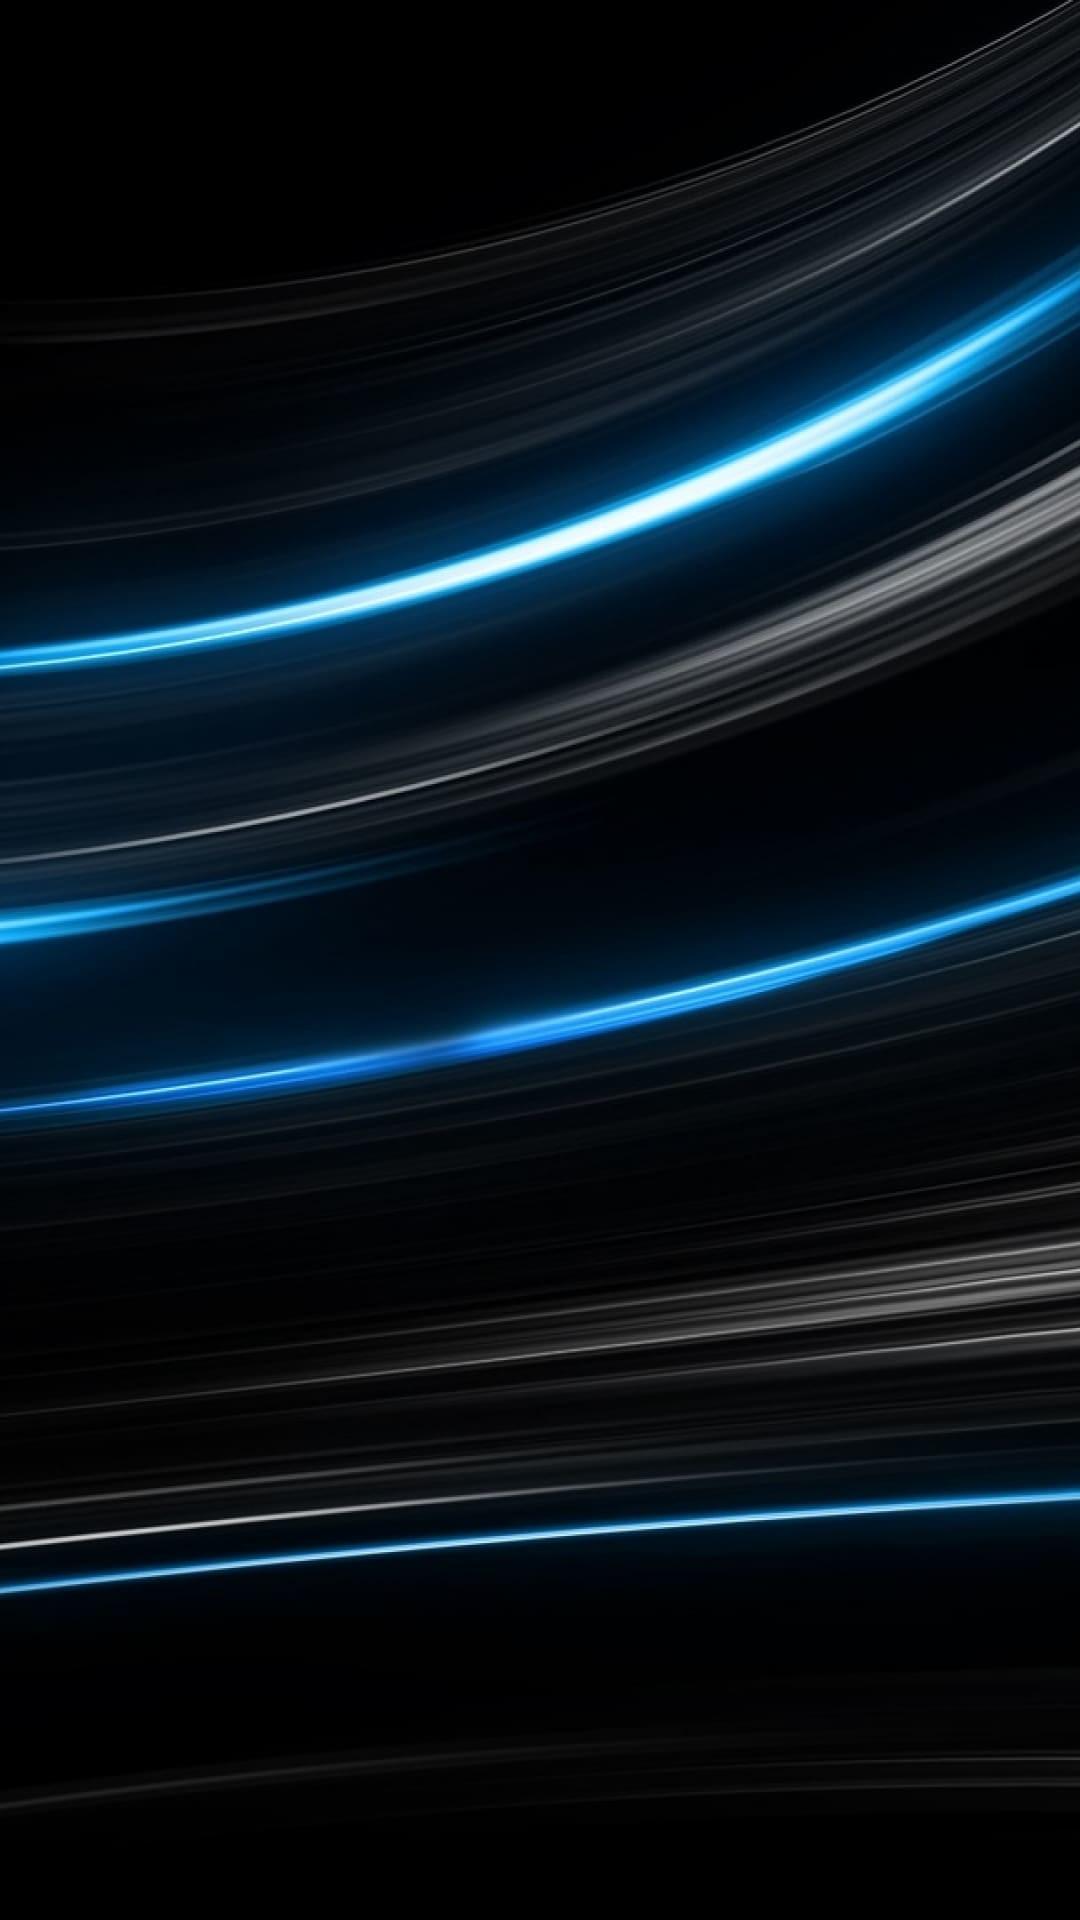 https://wallpaperformobile.org/14456/wallpapers-black-blue.